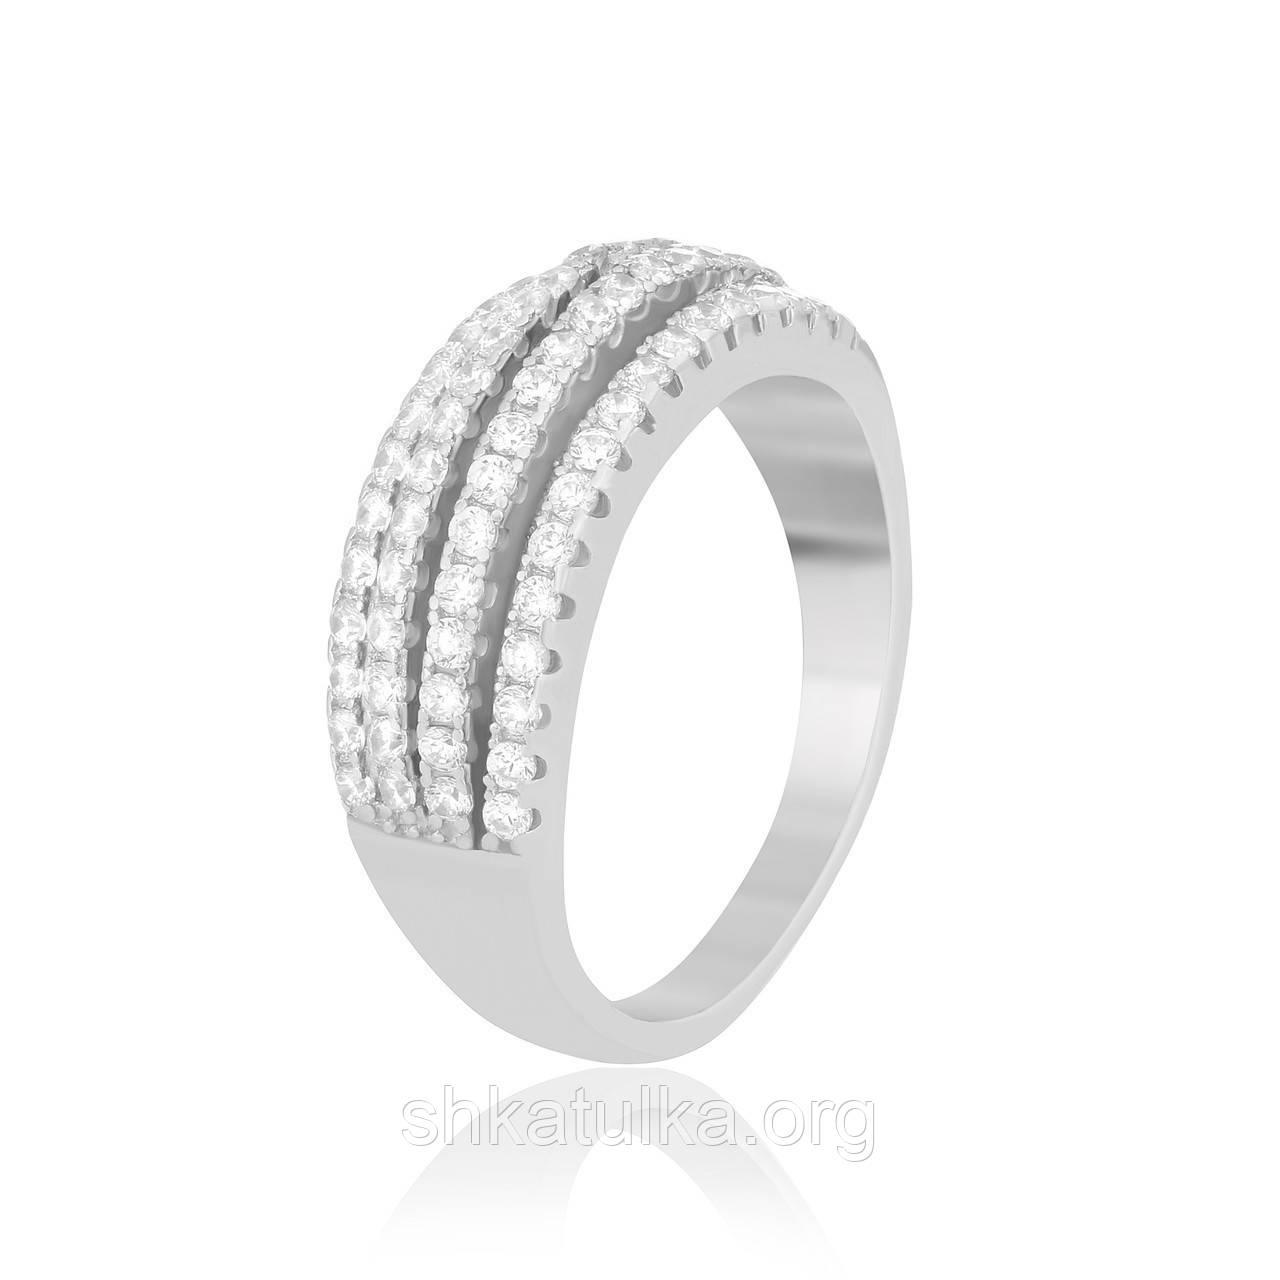 Серебряное кольцо с фианитом К2Ф/762 - 17